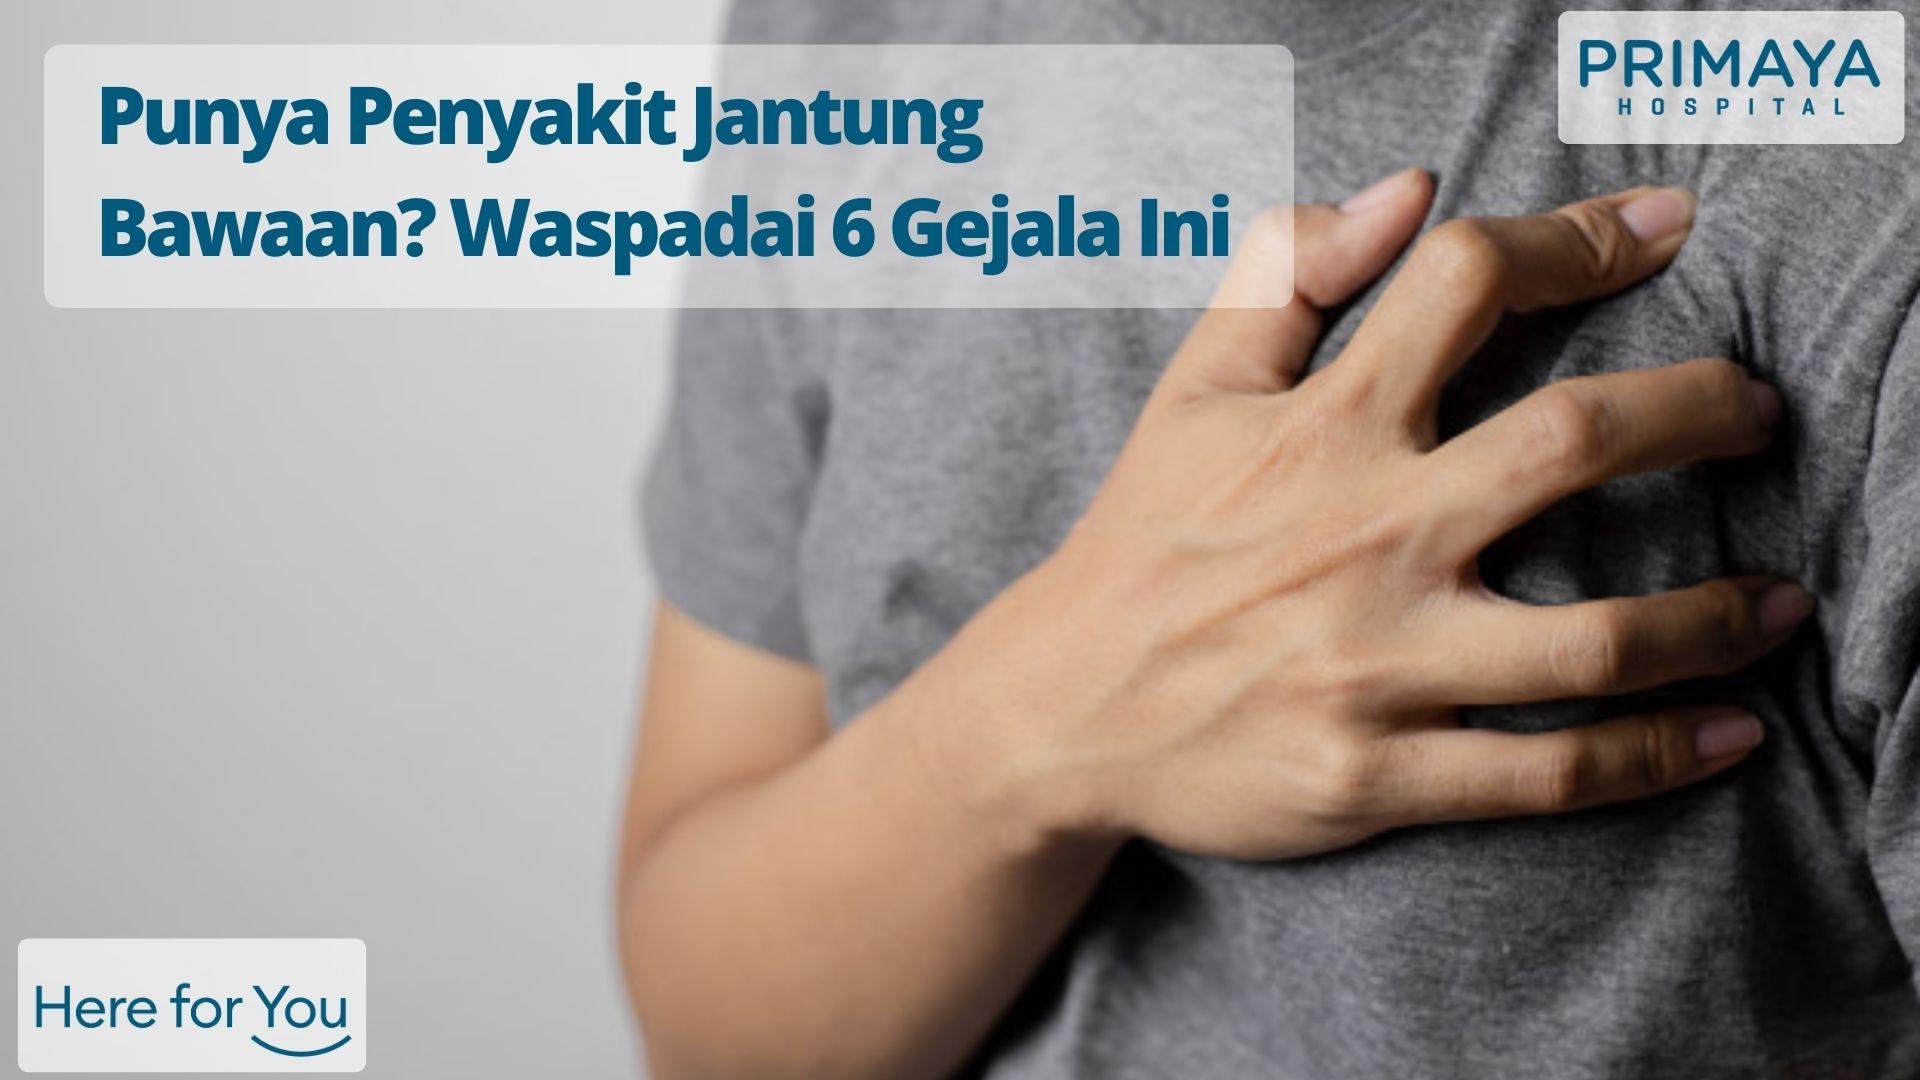 Punya Penyakit Jantung Bawaan? Waspadai 6 Gejala Ini